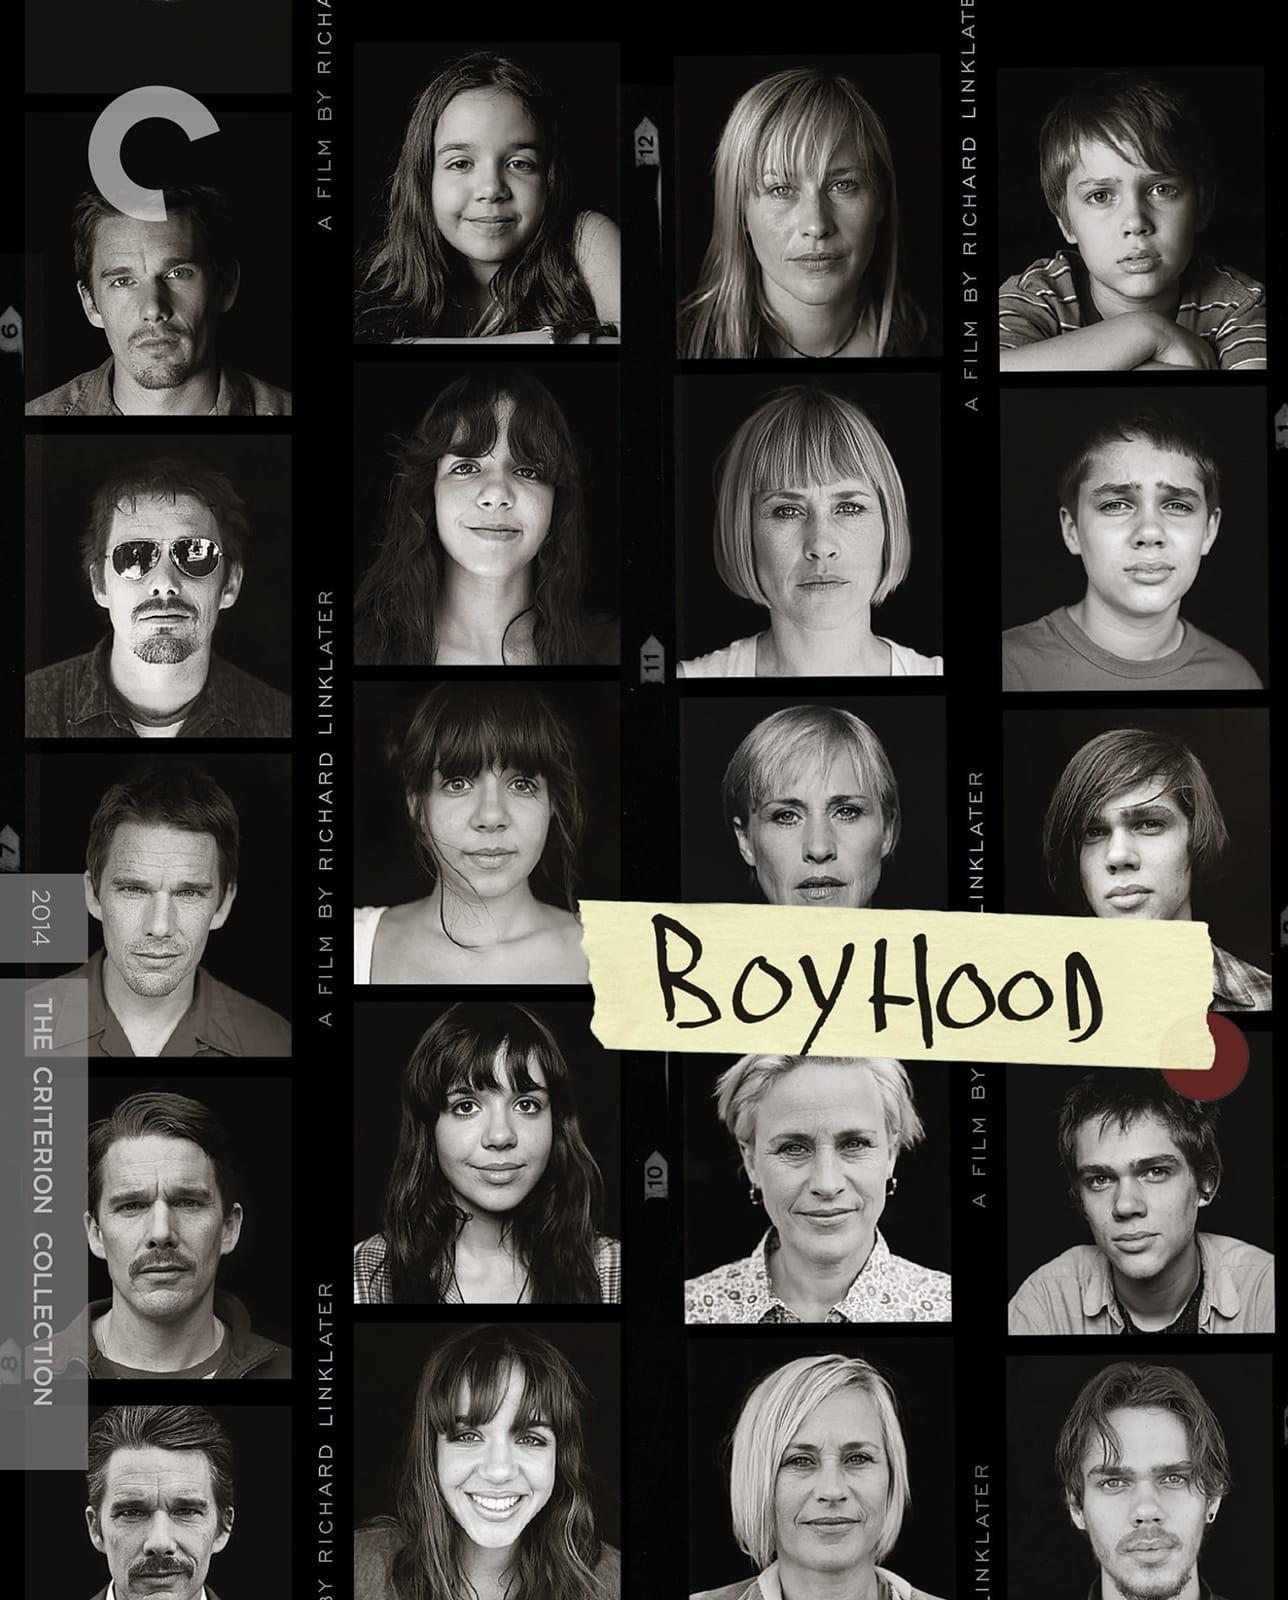 پوستر فیلم Boyhood به نویسندگی و کارگردانی ریچارد لینکلیتر RichardLinklater